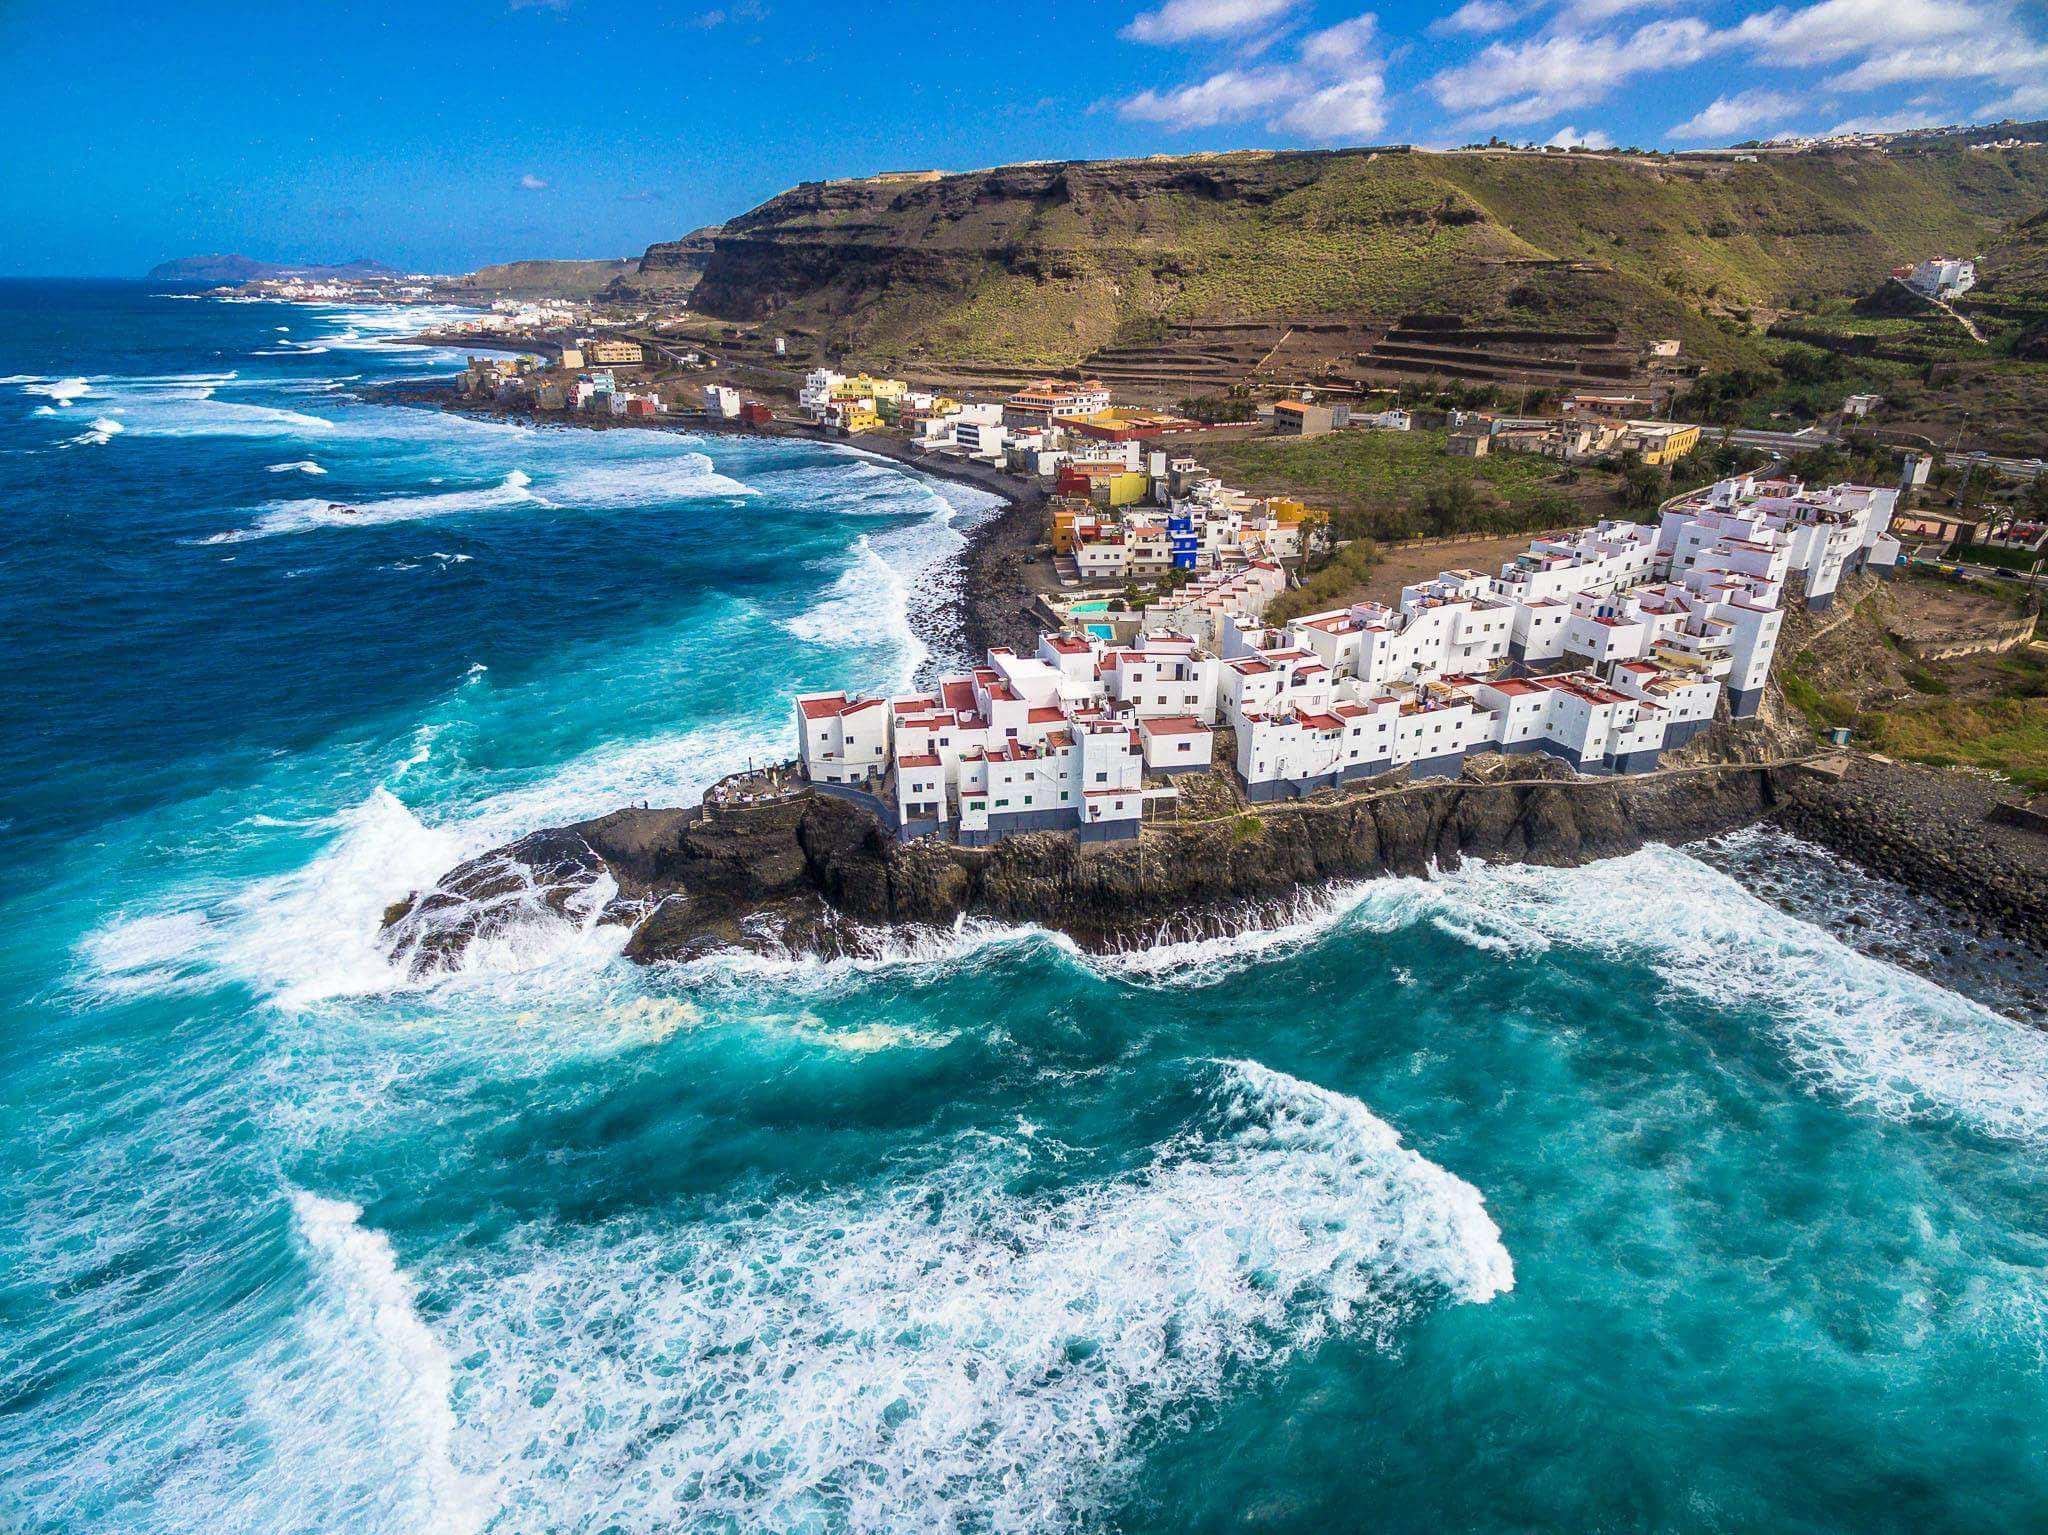 El Roque Landsbyen som ble hvit